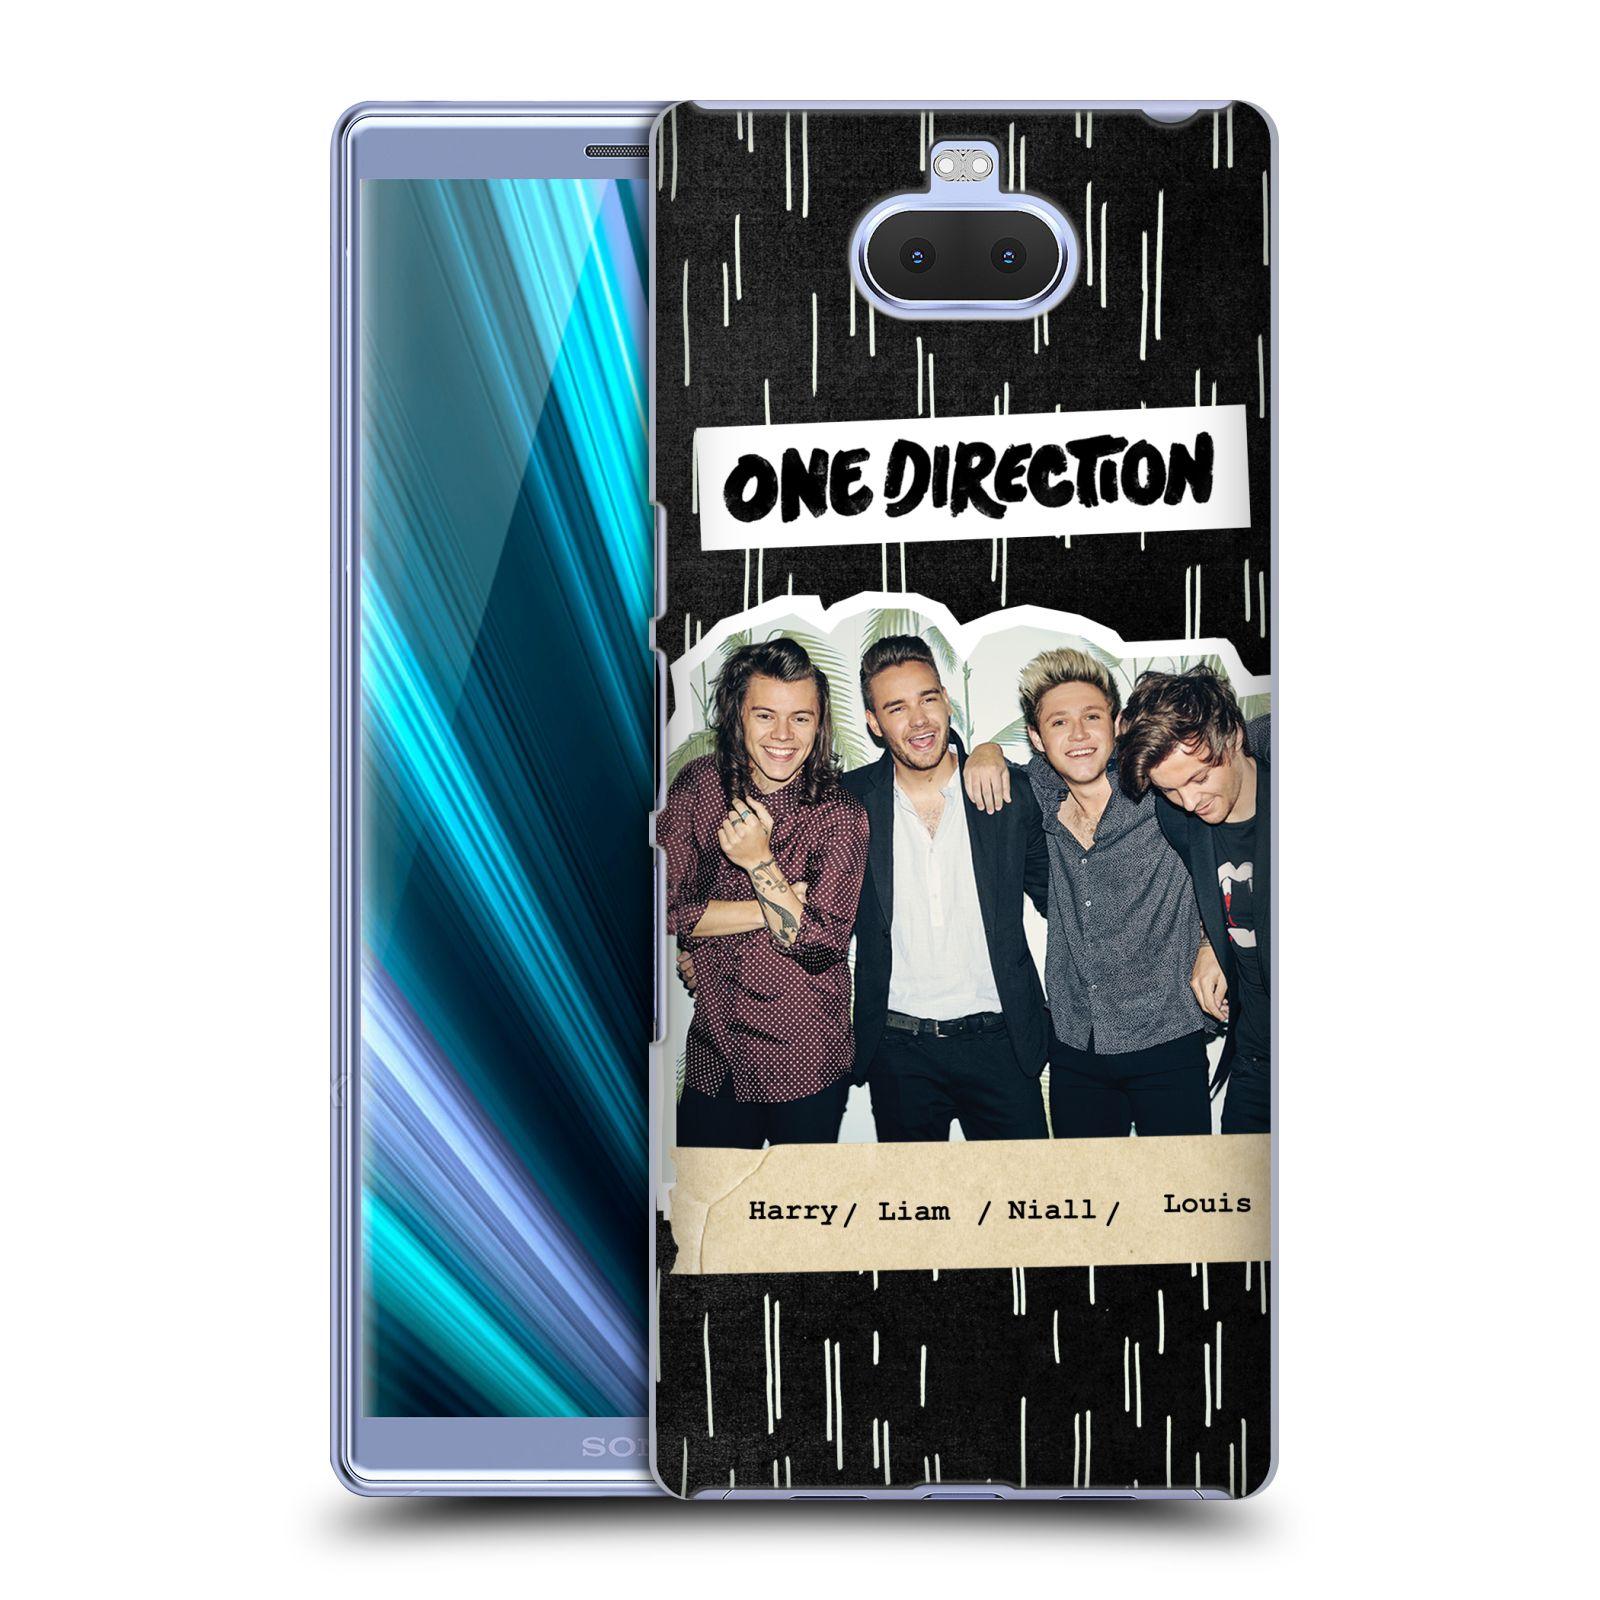 Pouzdro na mobil Sony Xperia 10 - Head Case - chlapecká skupina One Direction skupinové foto černé pozadí doodle